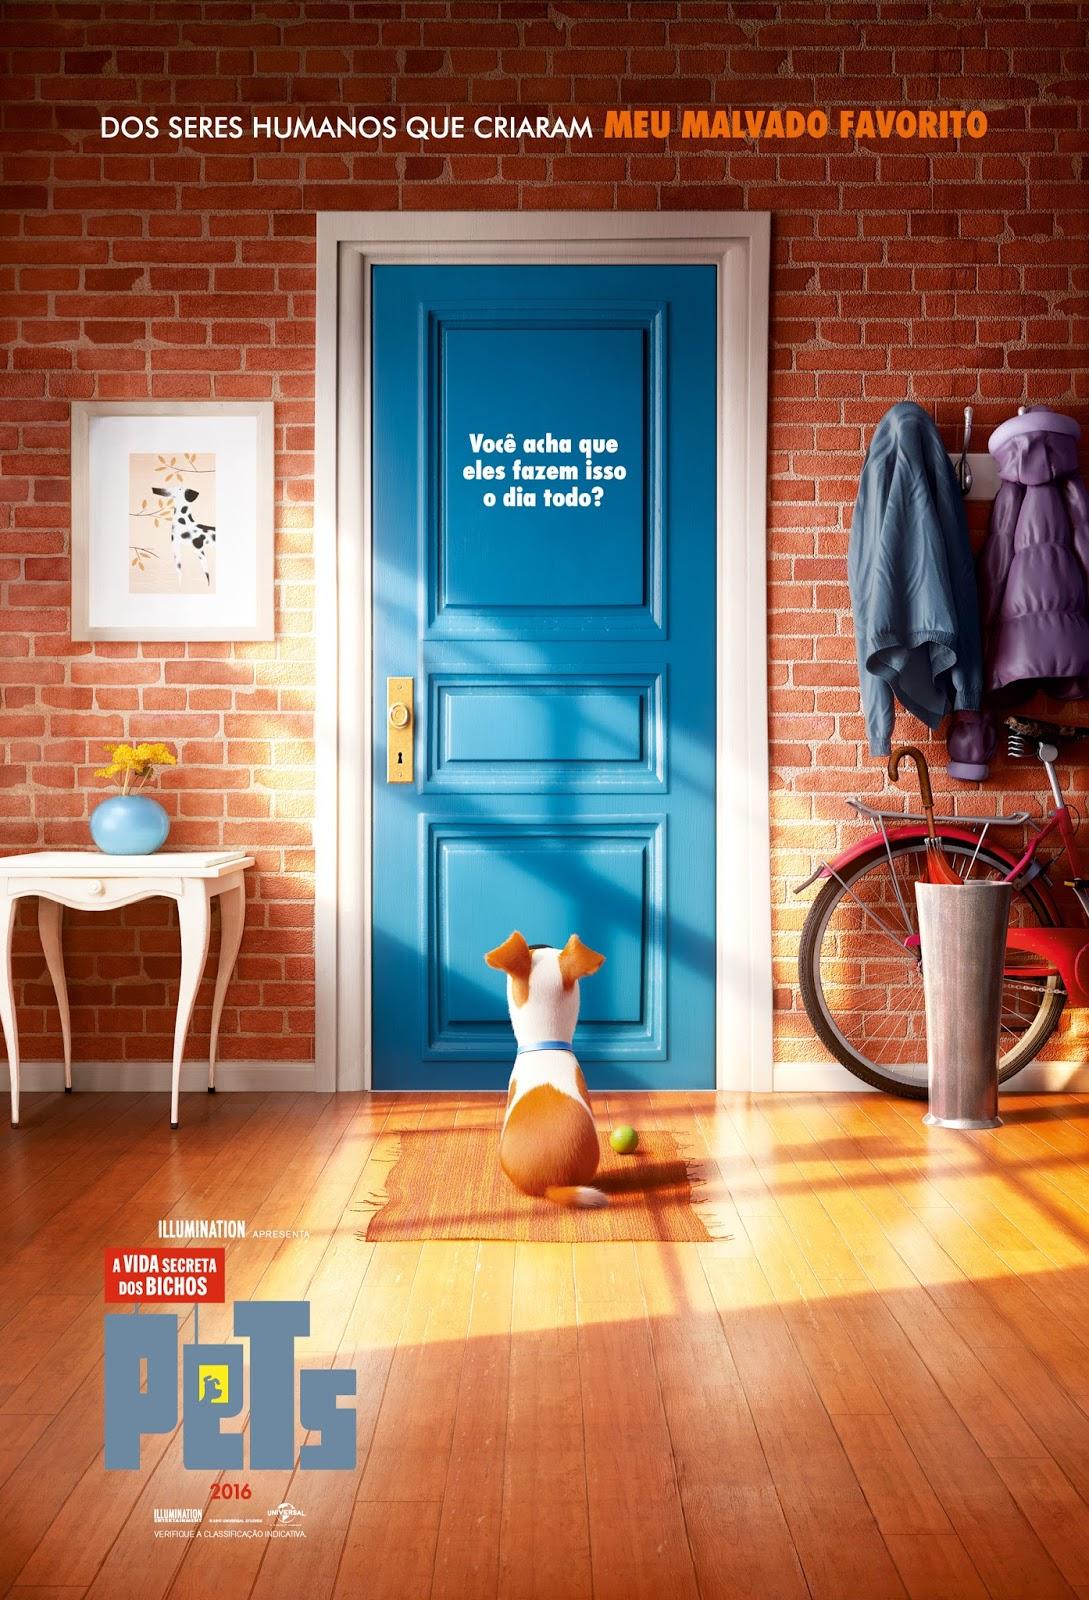 Imagens Pets A Vida Secreta dos Bichos Torrent Dublado 1080p 720p BluRay Download